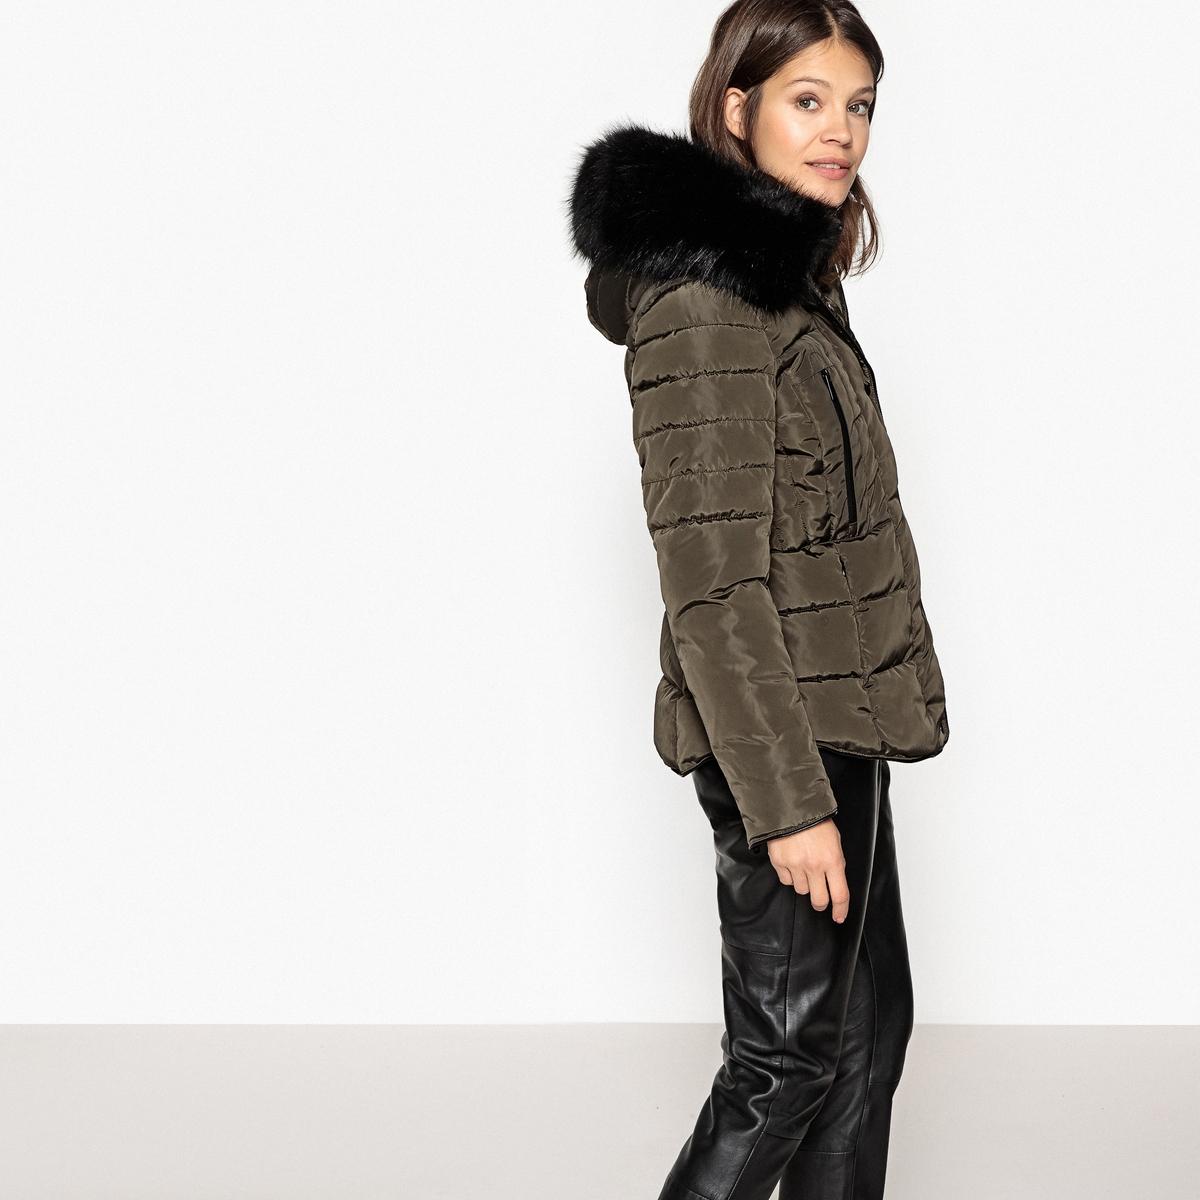 Куртка стеганая короткая с капюшономОписание:Короткая и теплая стеганая куртка OR60H17 MOLLY BRACKEN. Капюшон со съемным искусственным мехом. Стоячий воротник отлично защищает от холода . Карманы на молнии.Детали •  Длина  : укороченная •  Воротник-стойка •  Застежка на молнию •  С капюшономСостав и уход •  100% полиэстер •  Следуйте советам по уходу, указанным на этикетке<br><br>Цвет: хаки<br>Размер: S